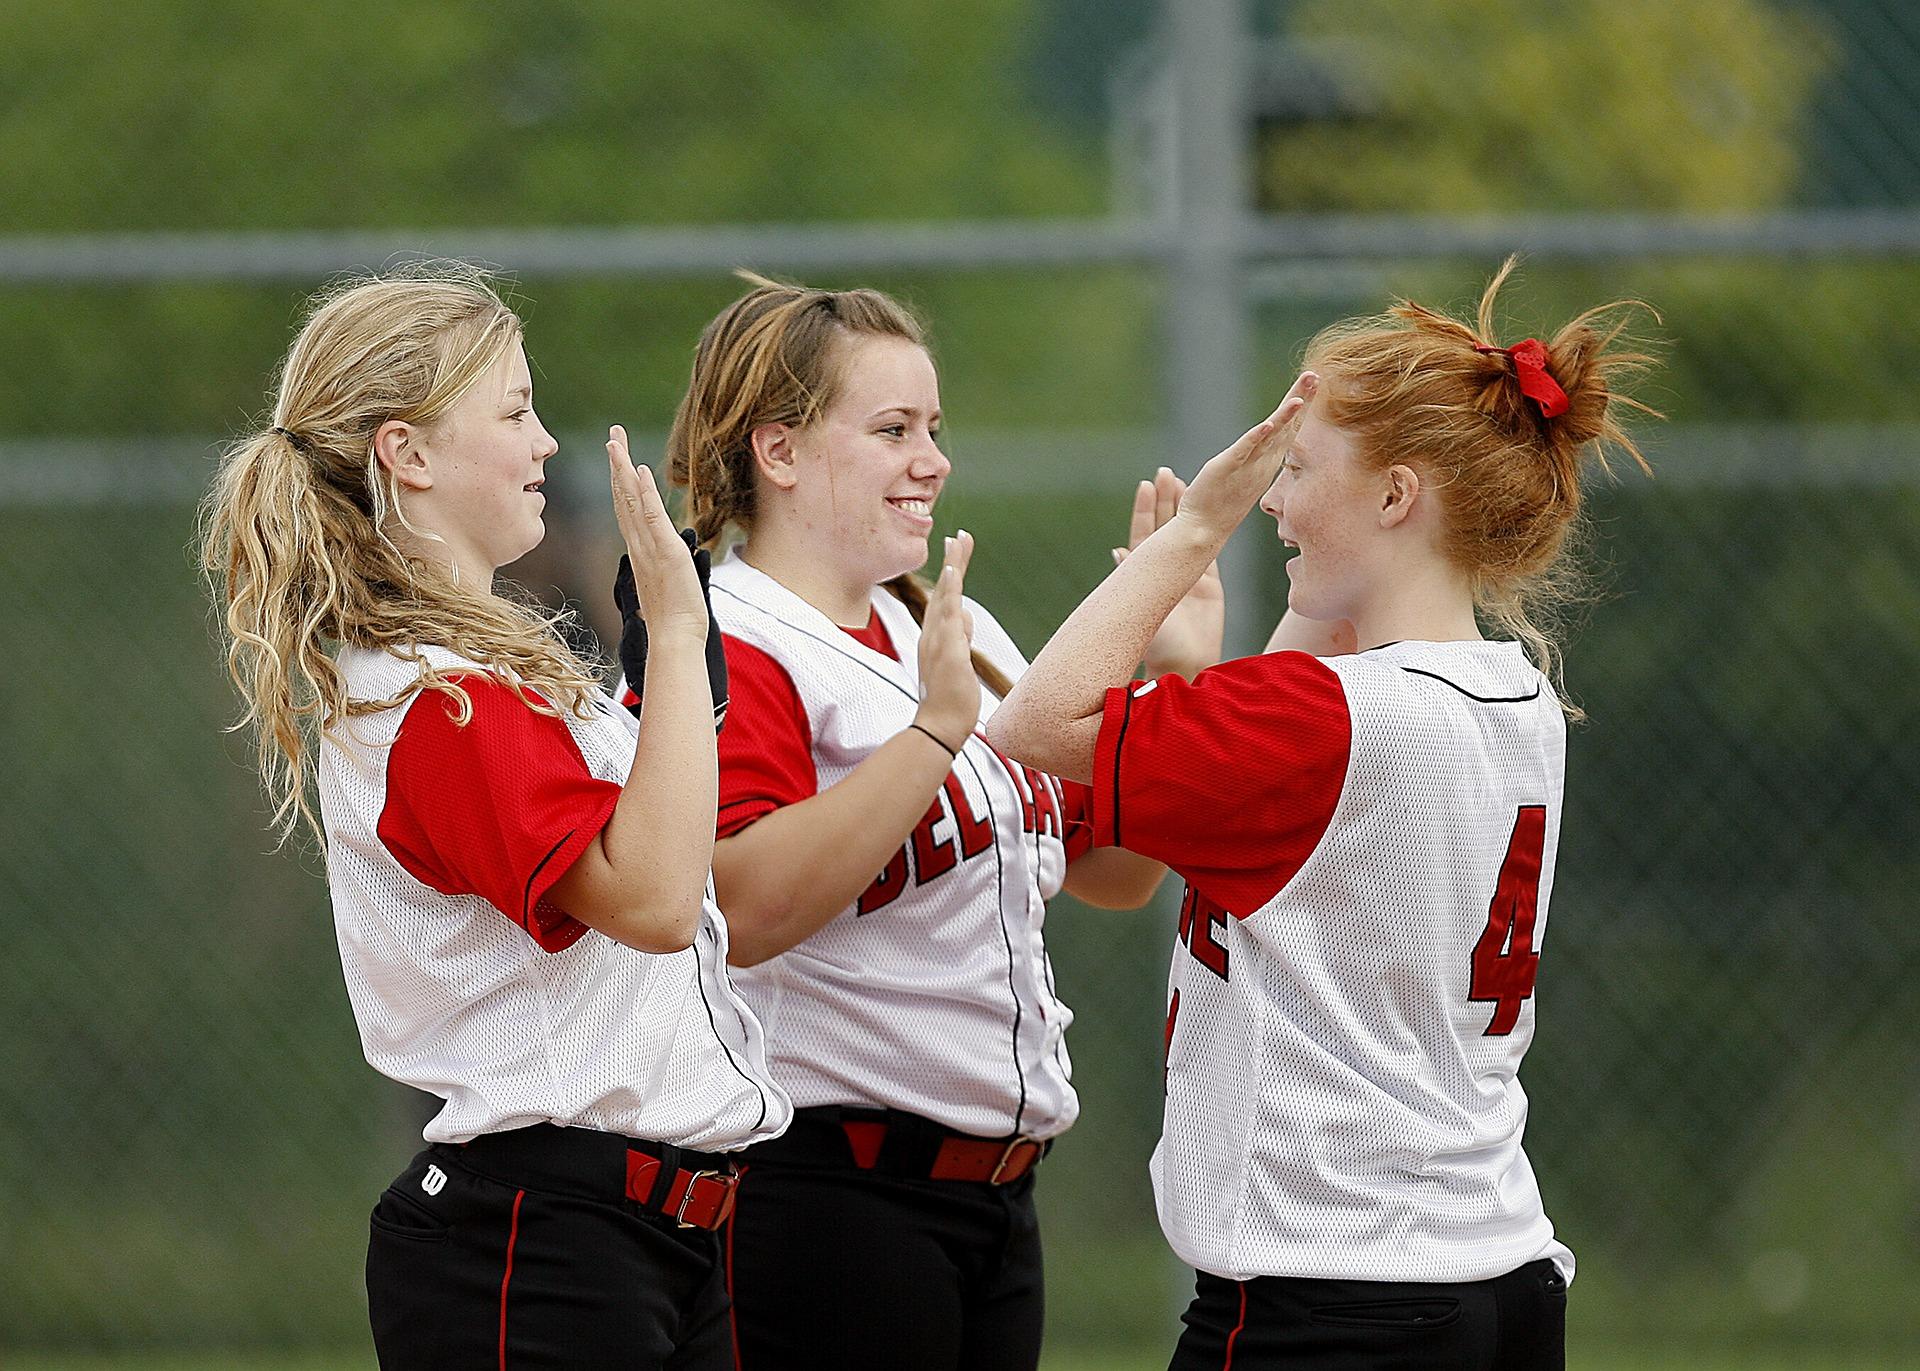 girls softball team giving each other high fives